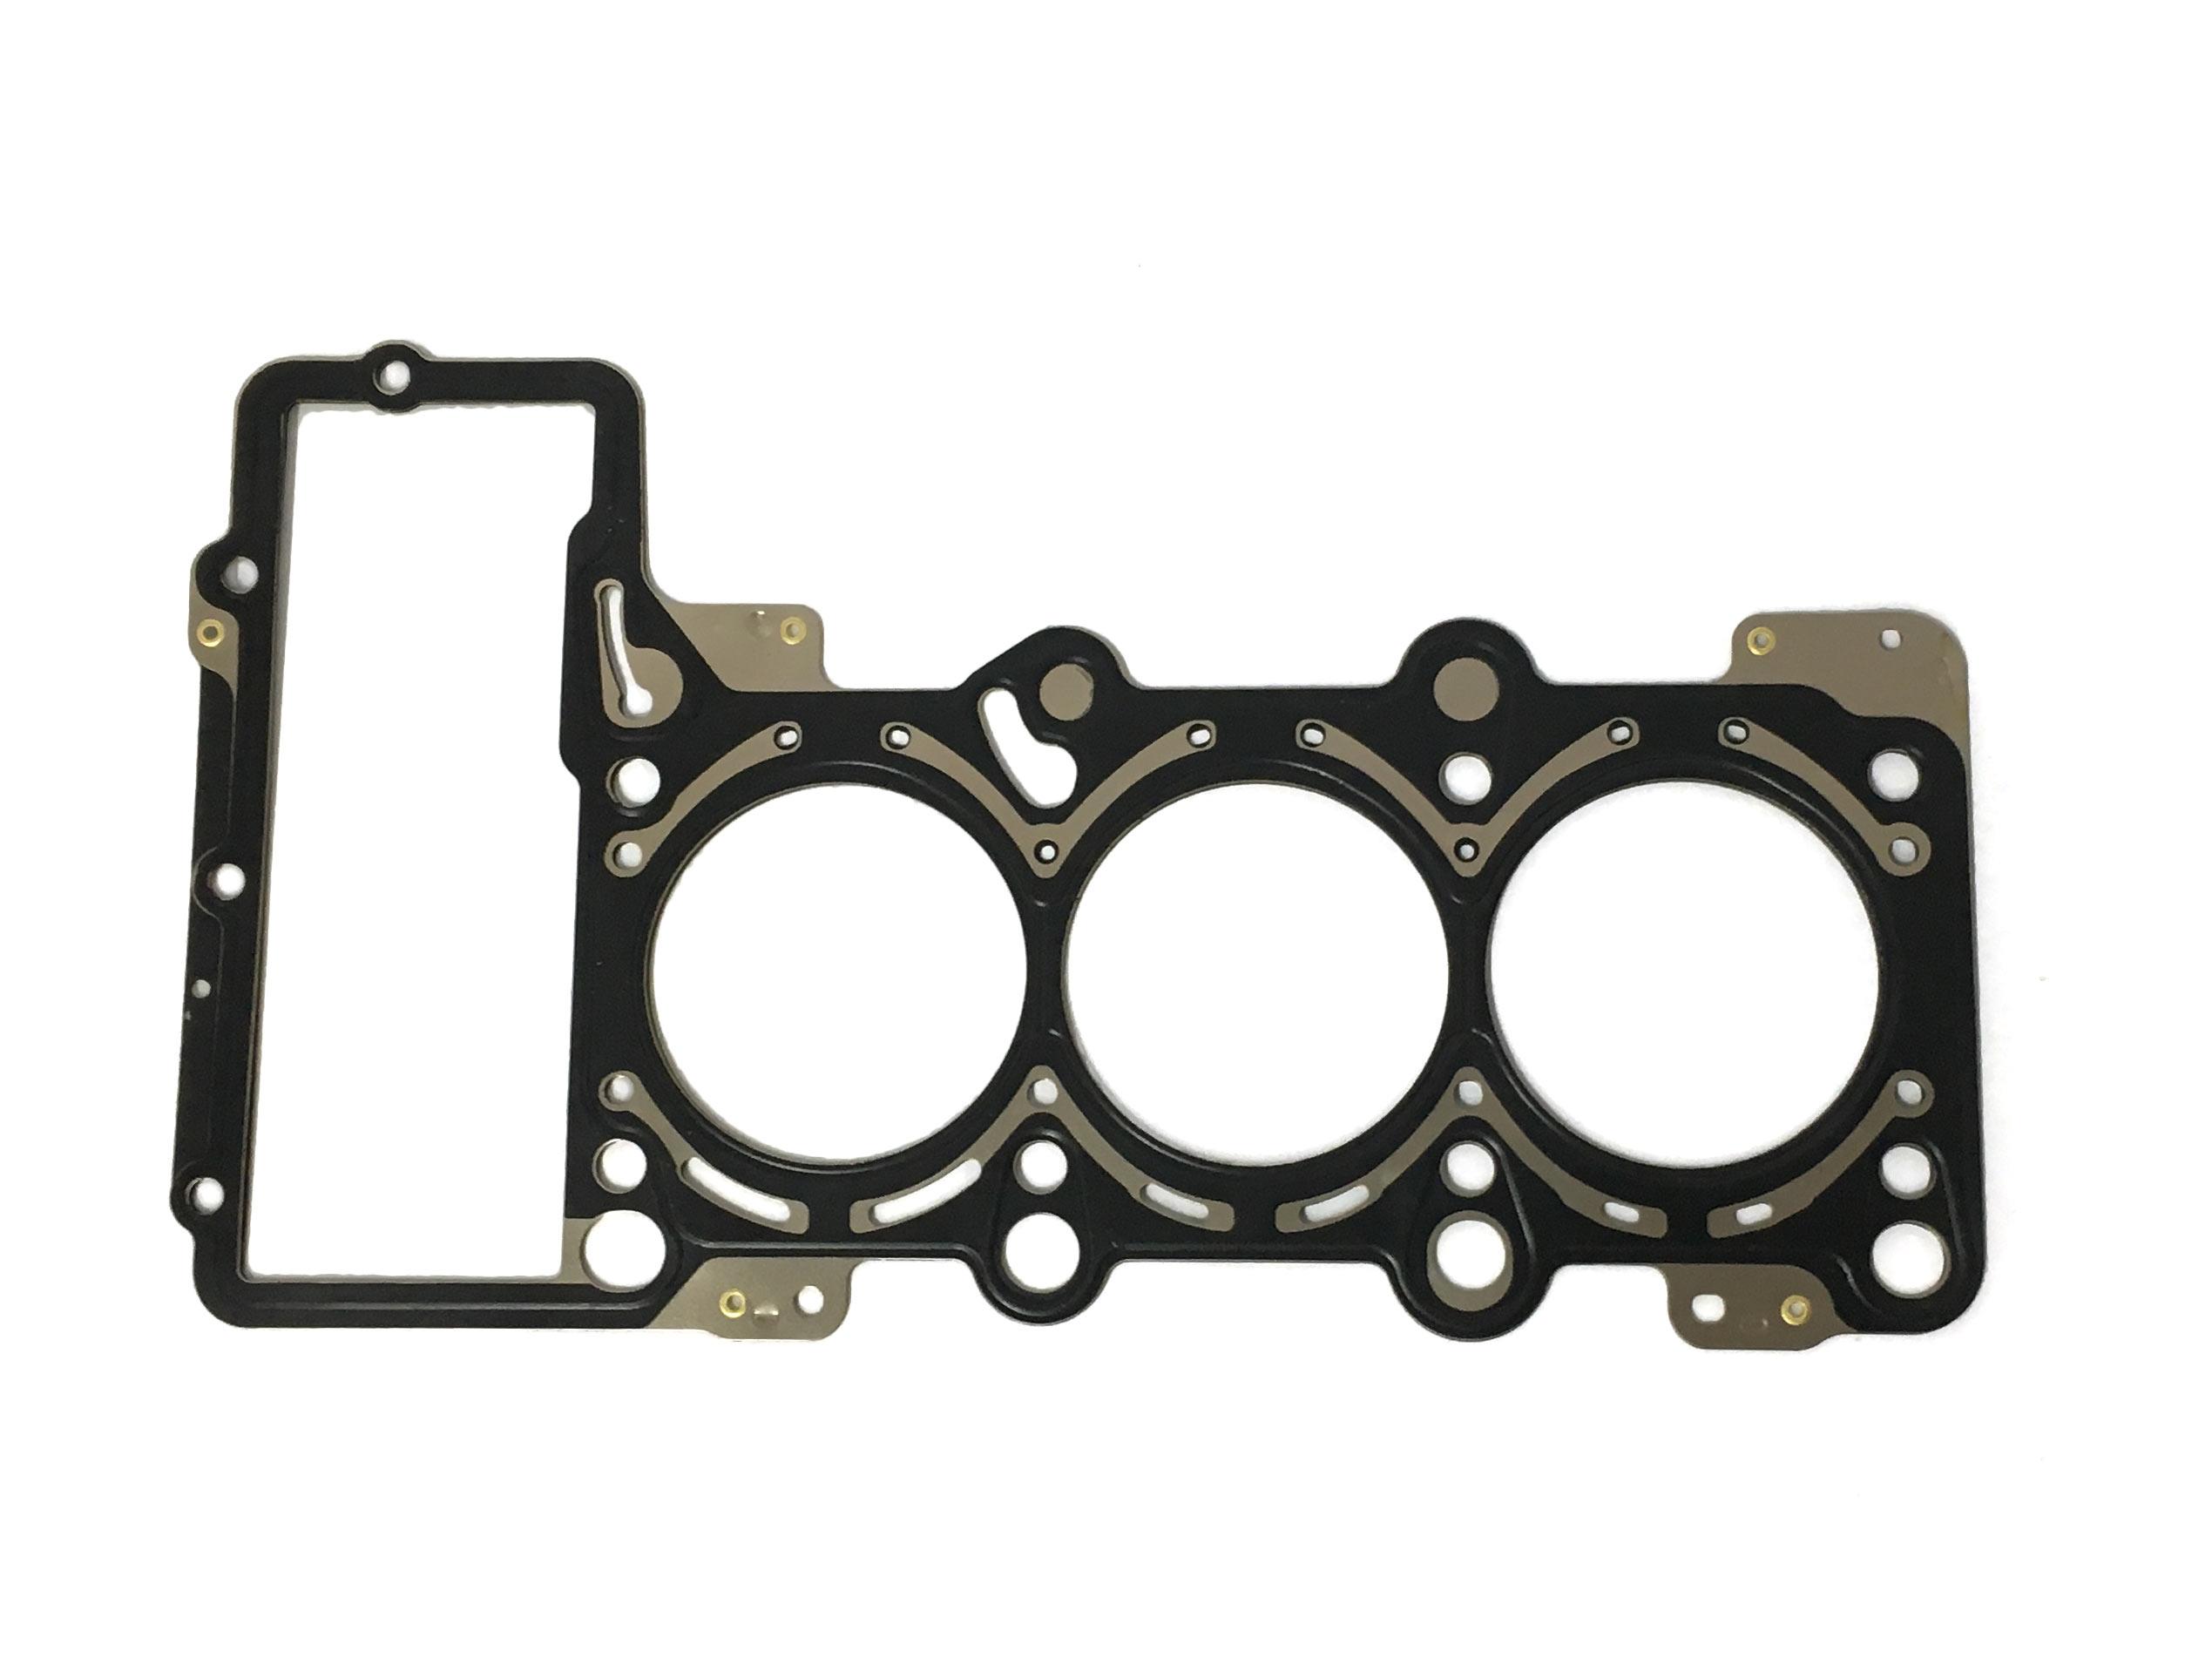 Junta da cabeça do cilindro 1-3 VAR Audi A6 2,4 BDW 06E103148P NOVO